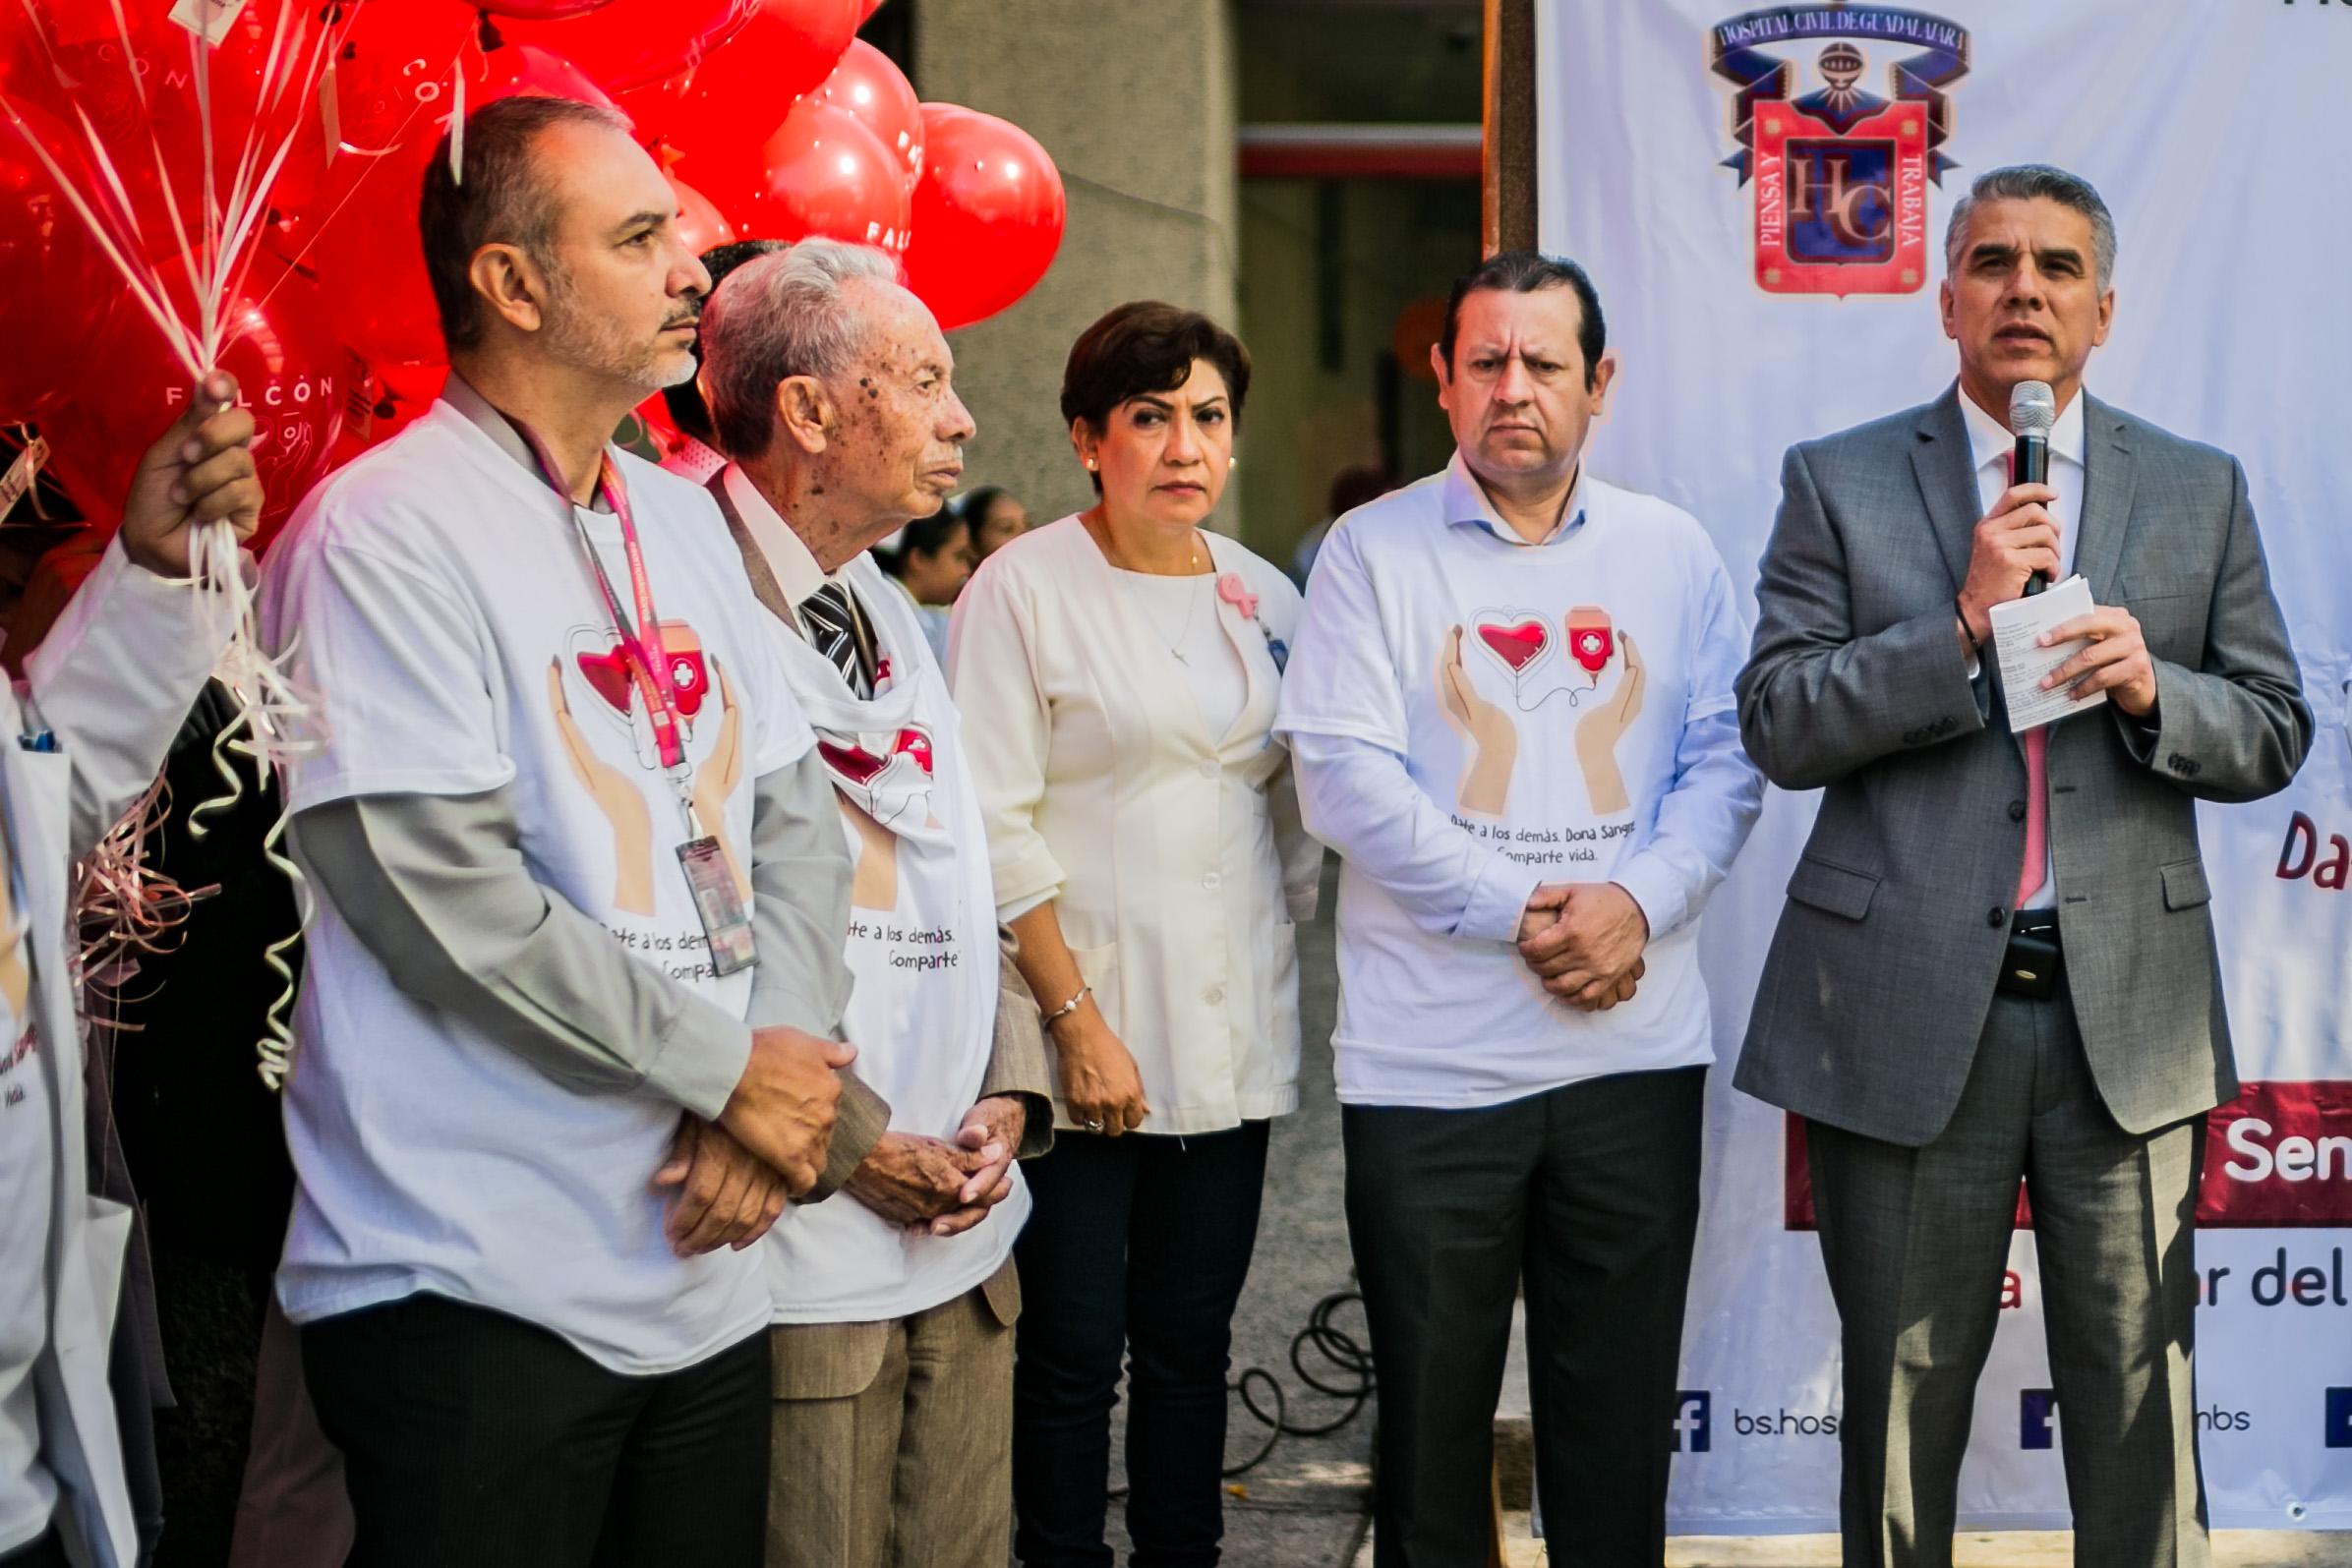 El director del Hospital Civil hablando al microfono en el arranque de la campaña